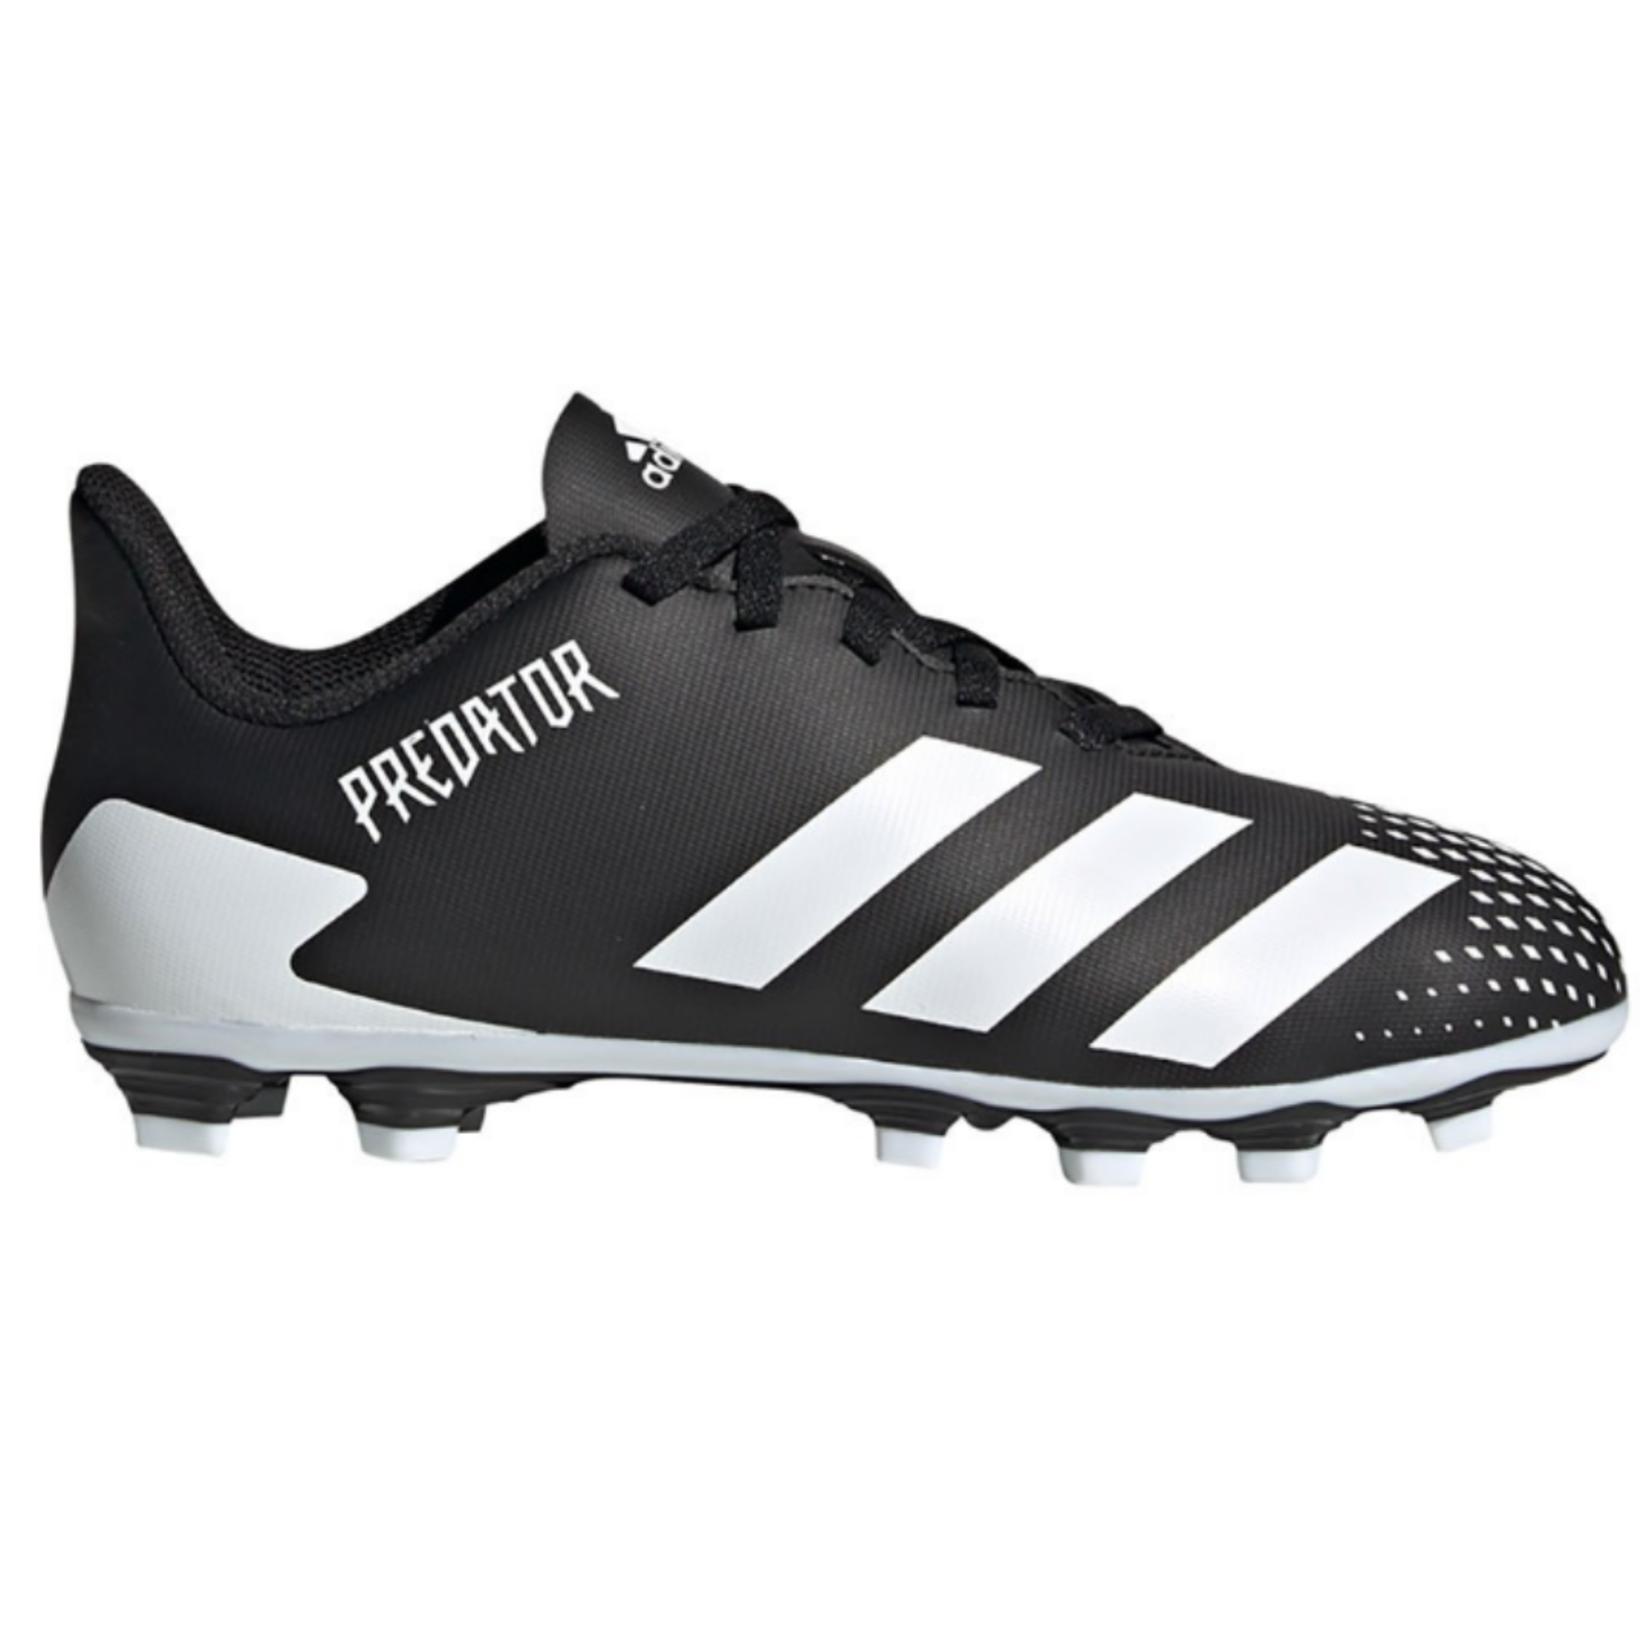 Adidas Adidas Predator 20.4 FxG Soccer Cleat